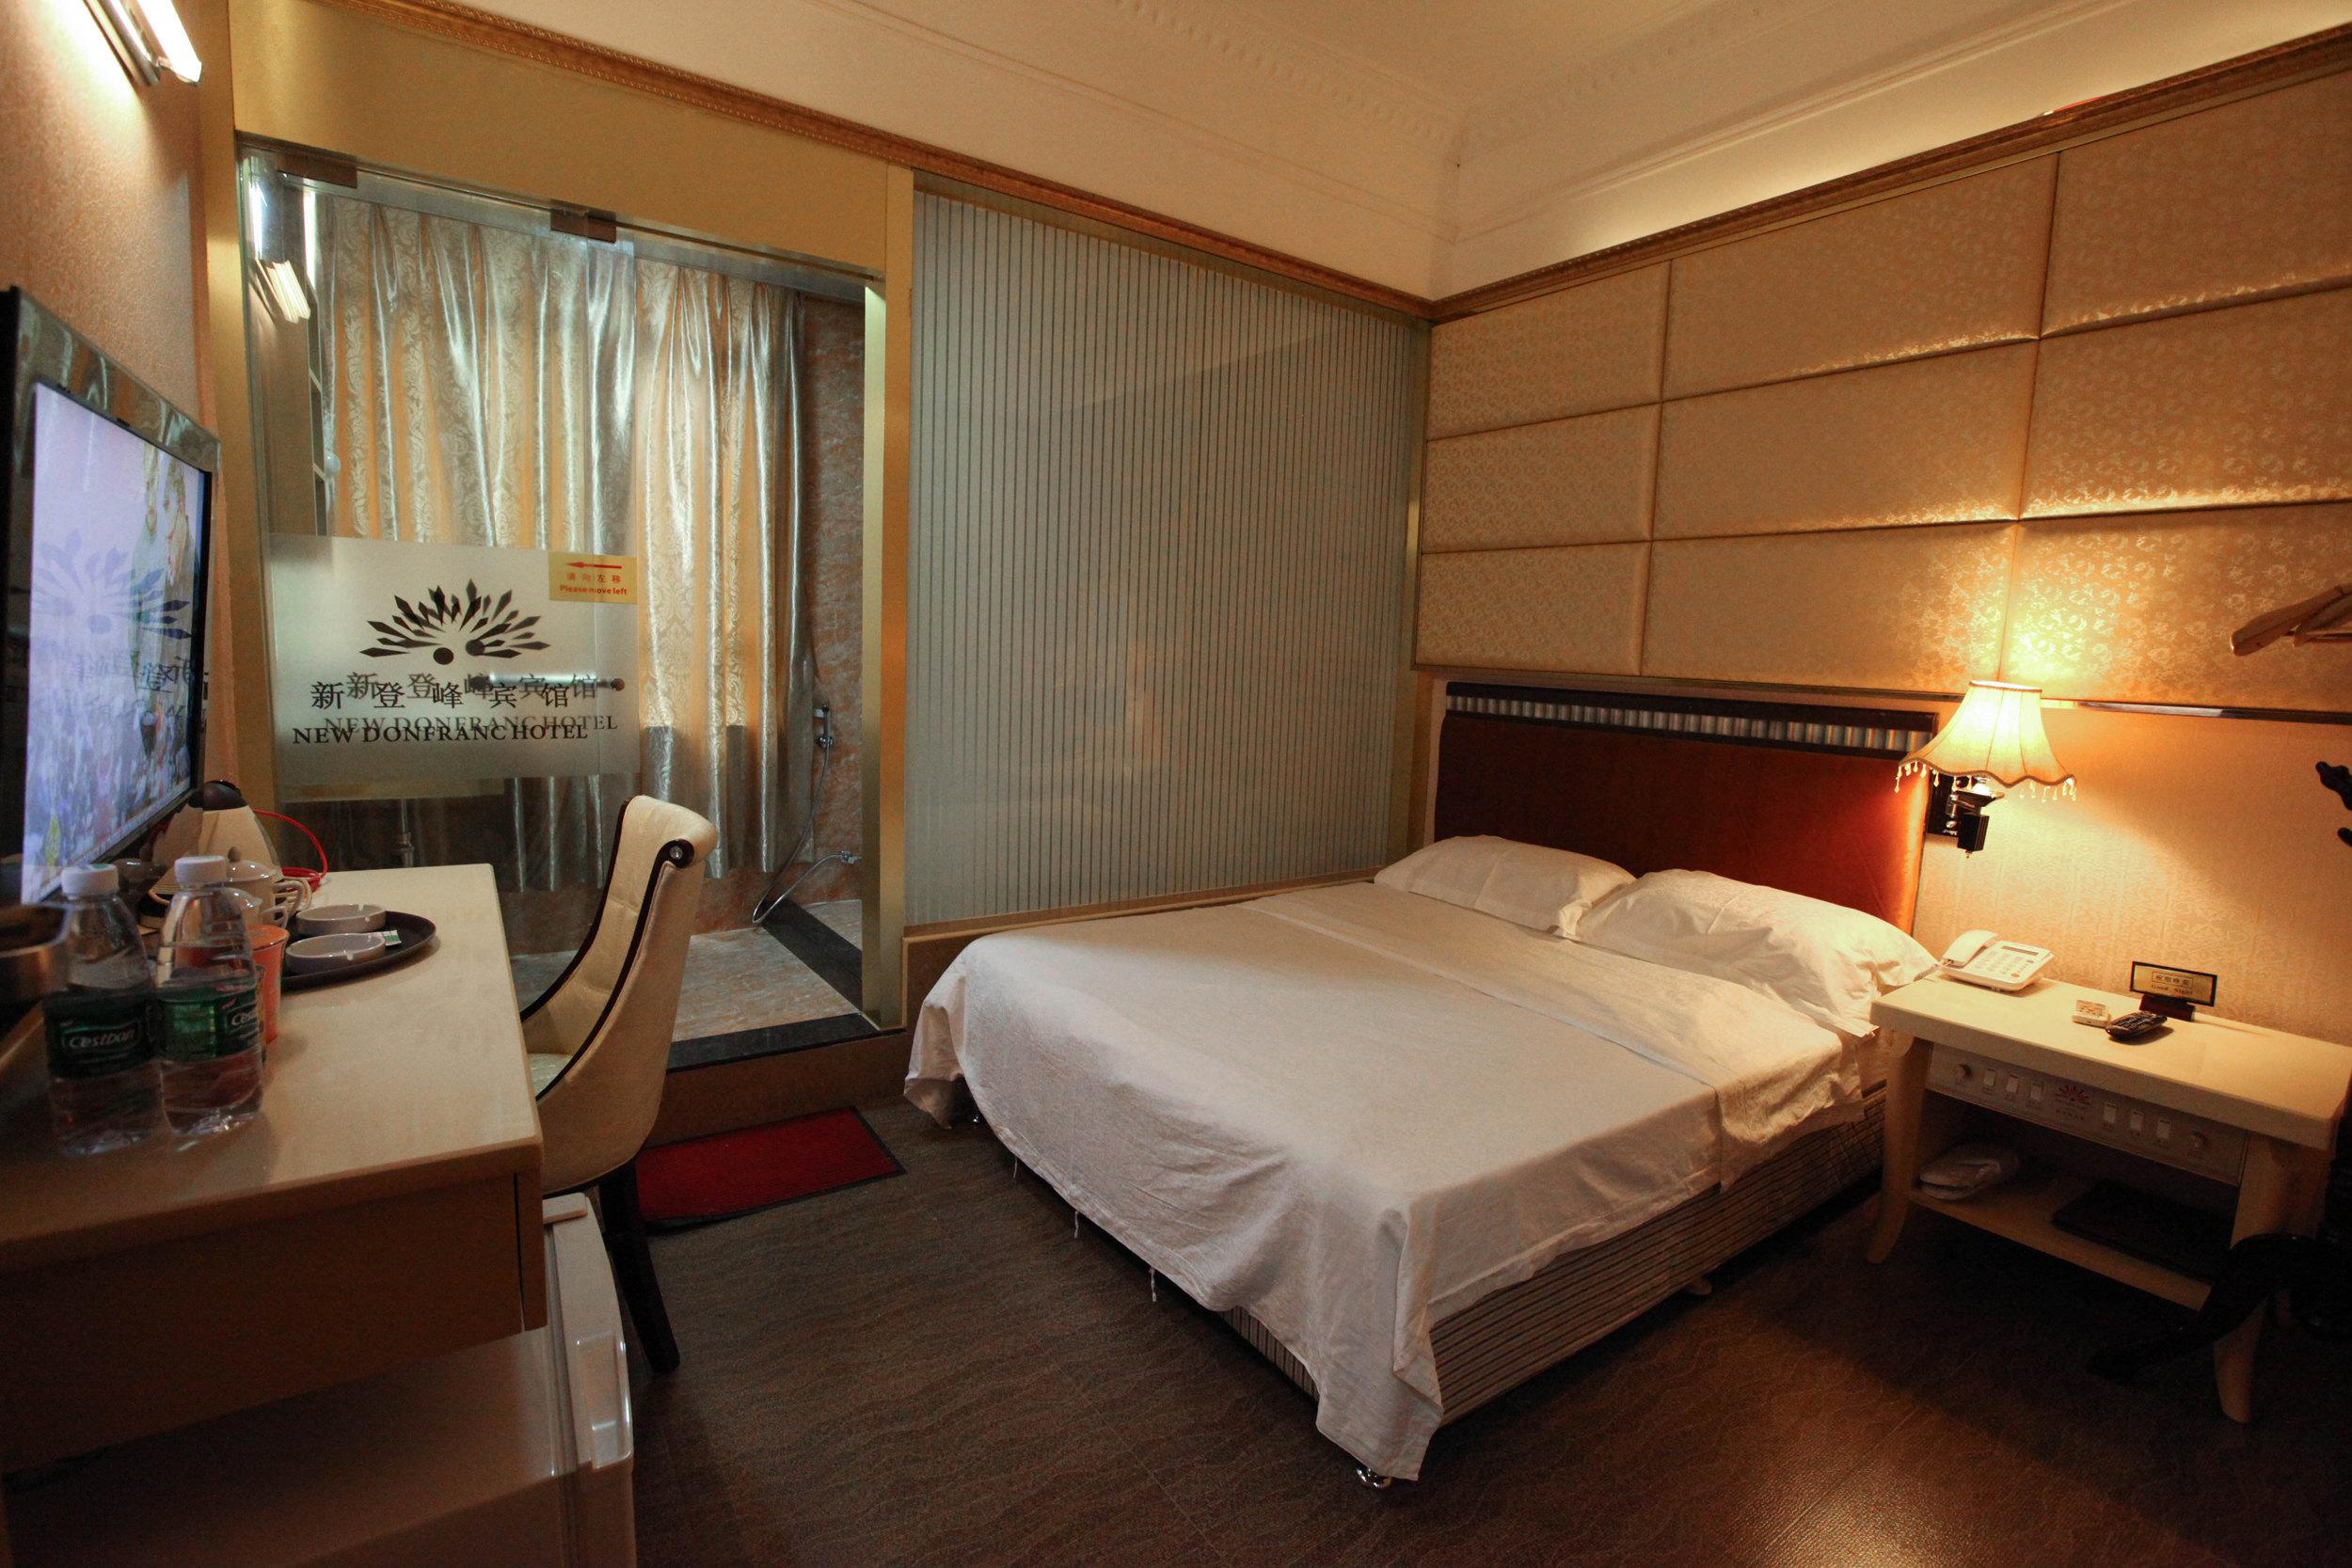 宾馆豪华房间装修设计图